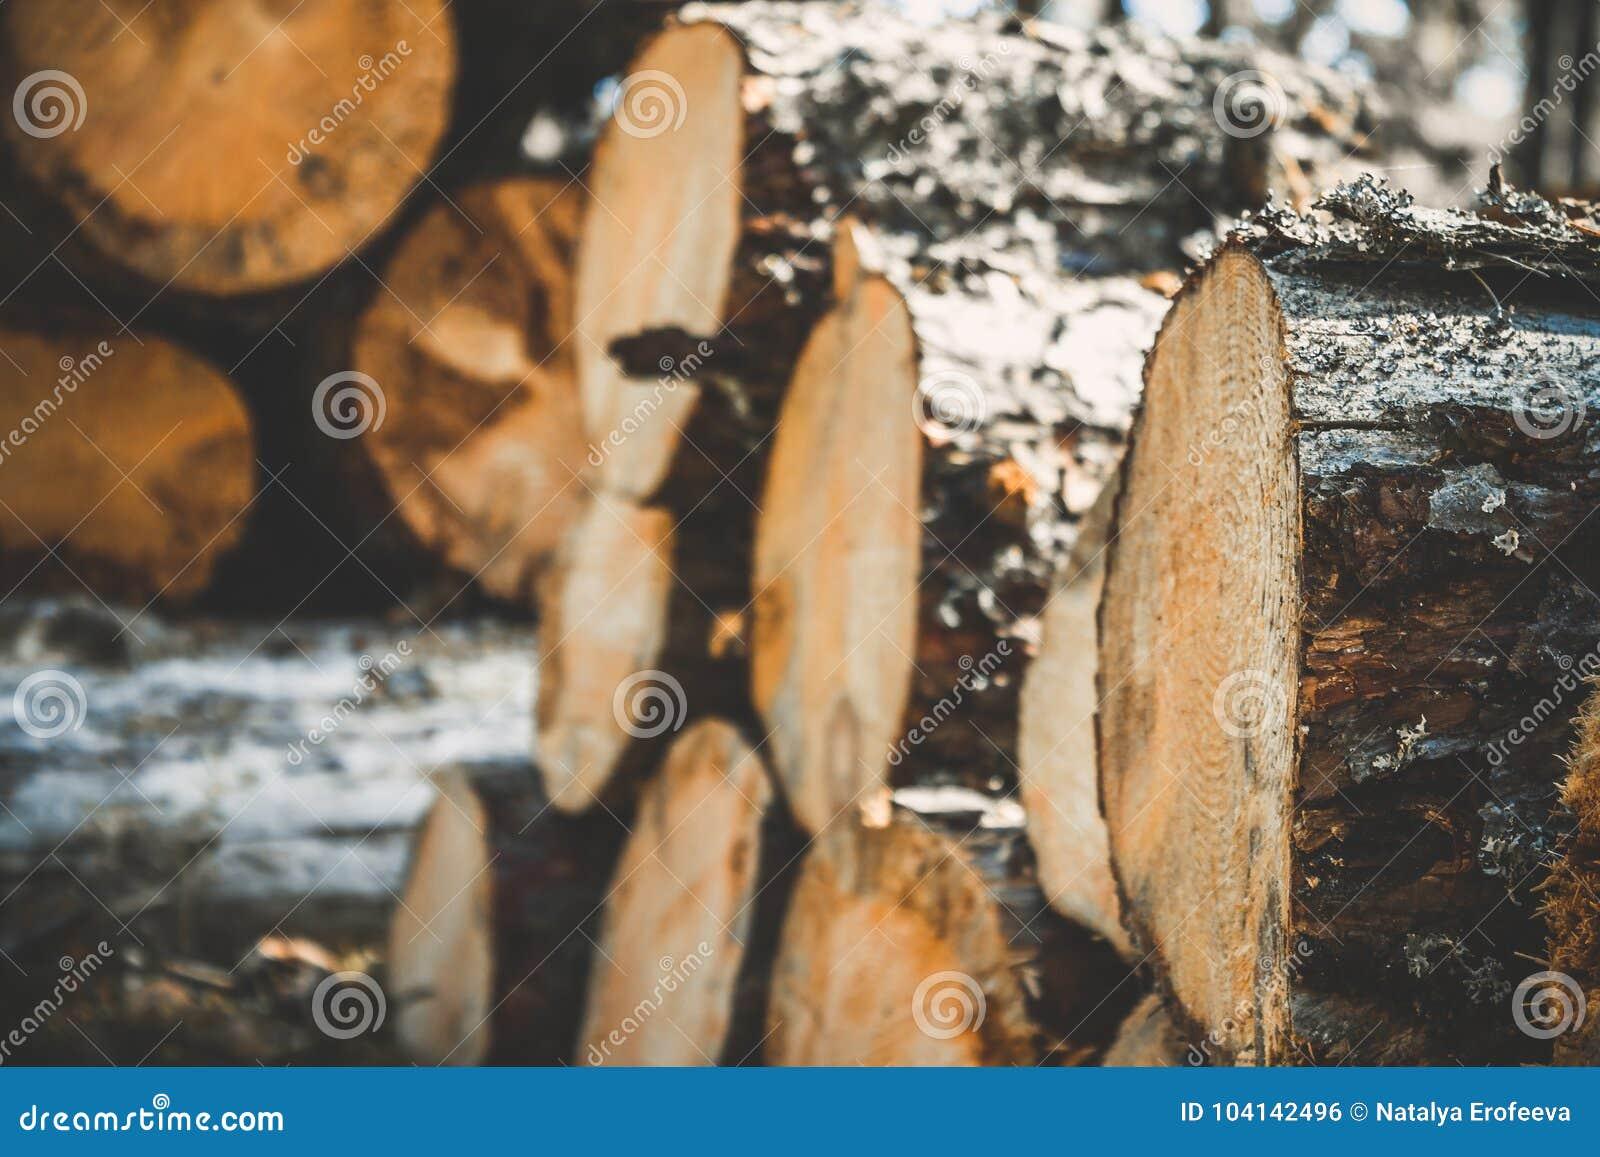 Logs das árvores na floresta após abater Troncos de árvore abatidos registrar Foco seletivo na foto